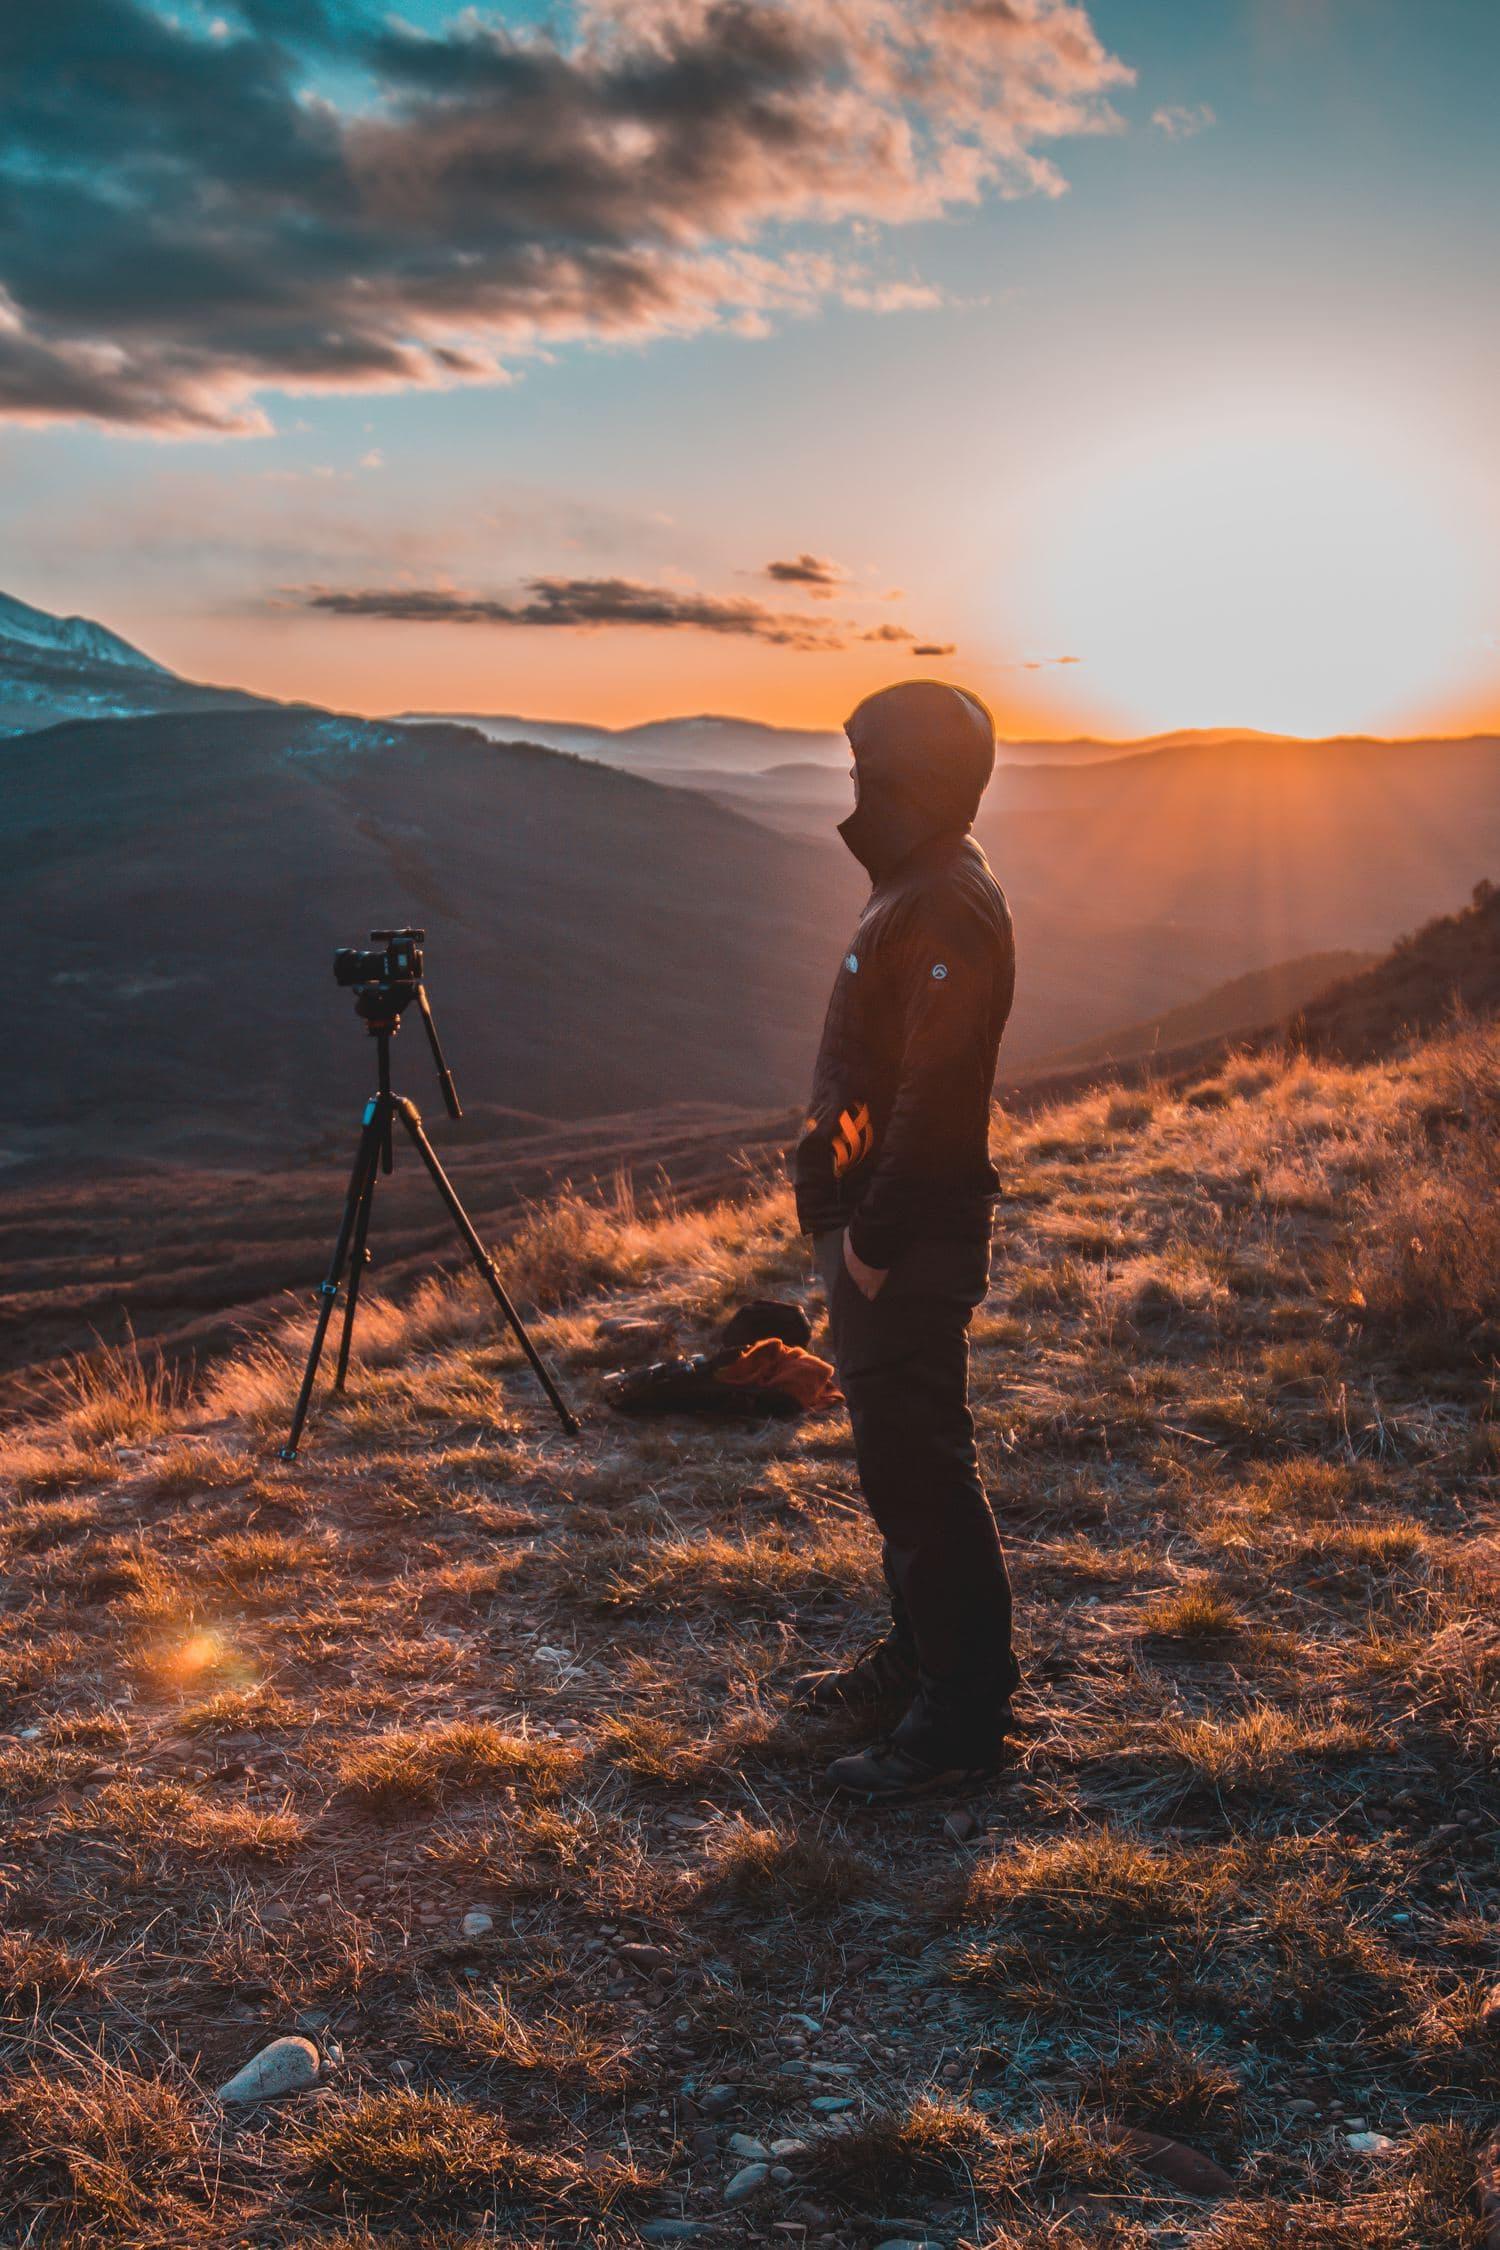 un fotógrafo mirando el horizonte